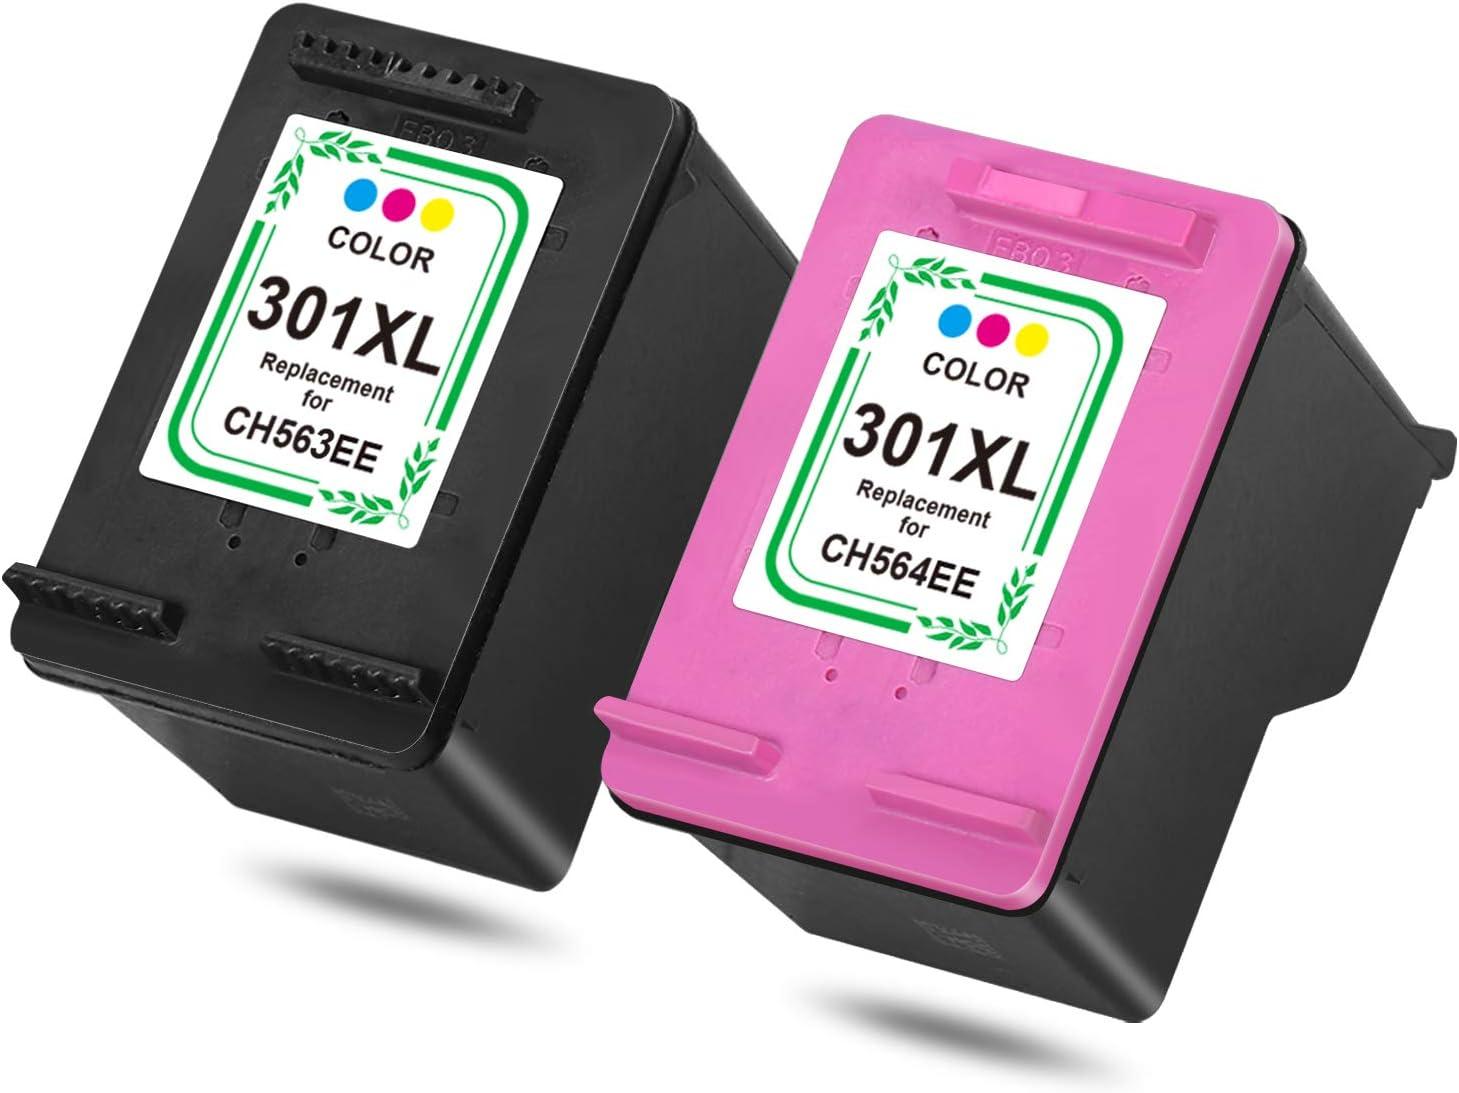 HP 301 X L Cartuchos de Impresora Multipack, Color 1 Schwarz, 1 Farben: Amazon.es: Oficina y papelería